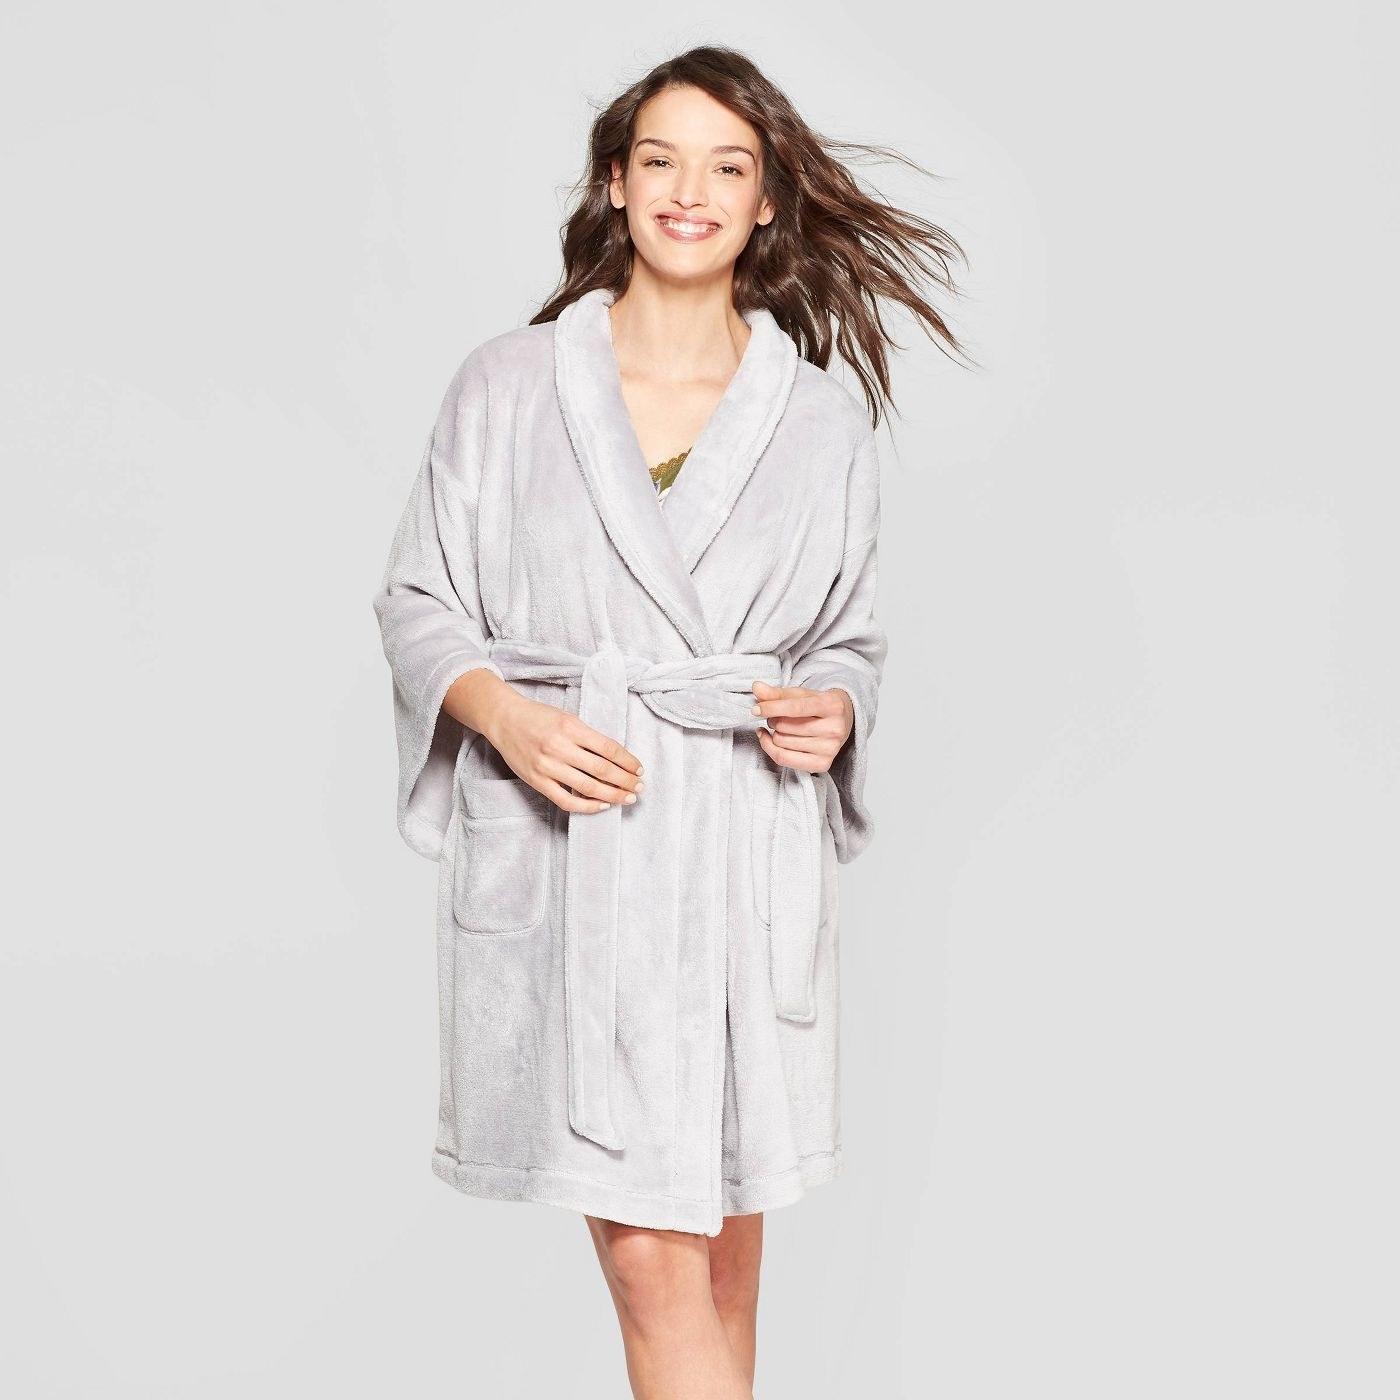 Model wearing gray fleece robe